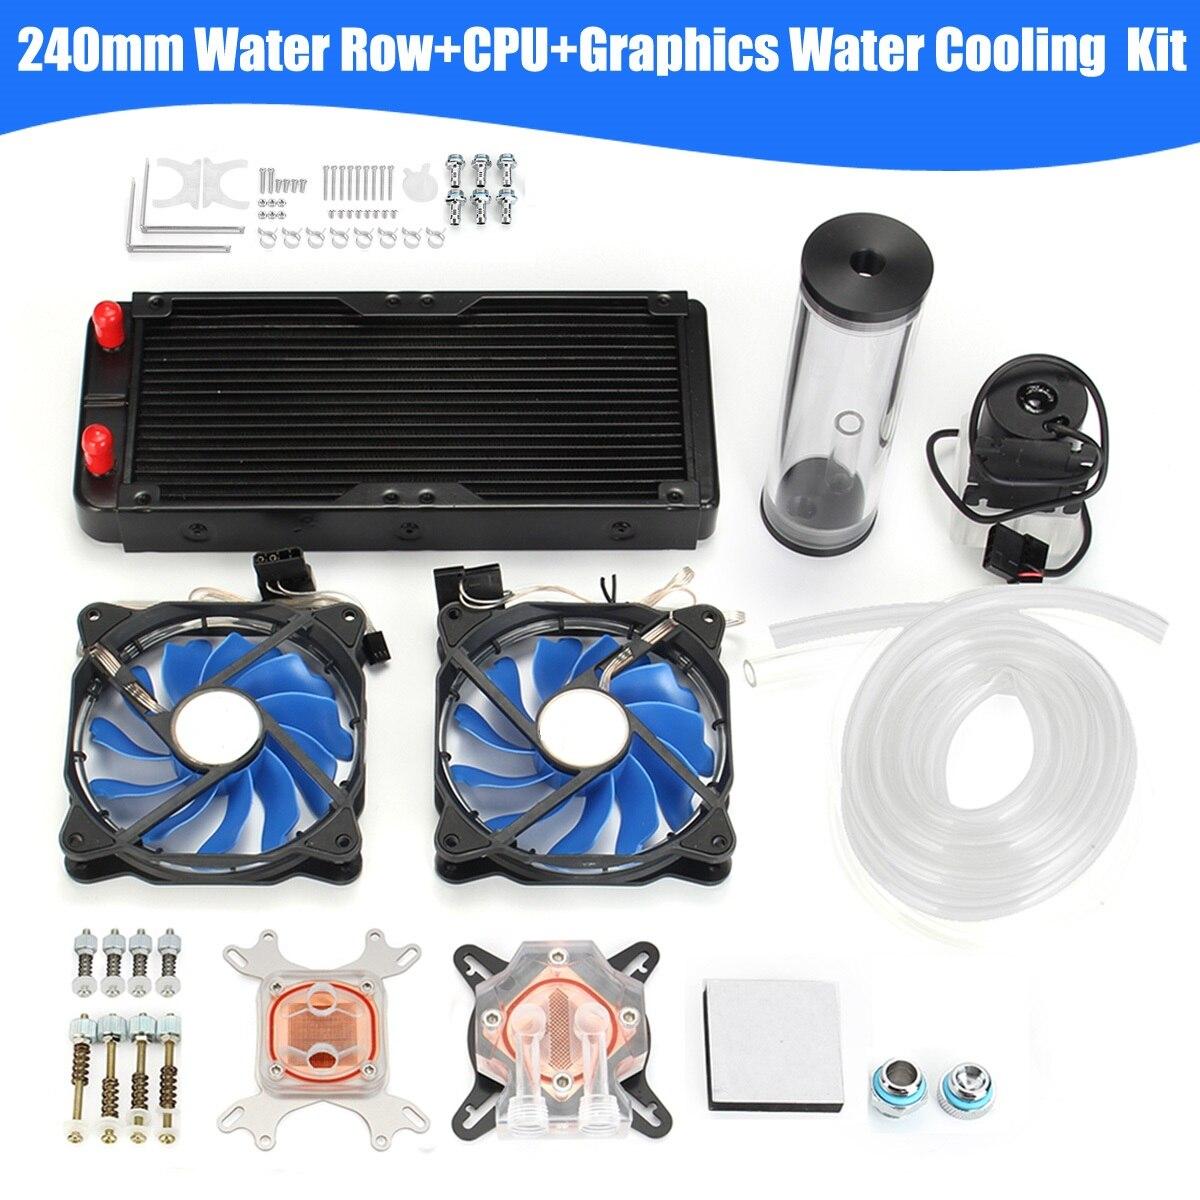 FAI DA TE Kit di Raffreddamento Ad Acqua del PC Con 240mm di Acqua Fila + Kit Sistema di Computer Radiatore di Raffreddamento Ad Acqua CPU Pompa Serbatoio dissipatore di calore